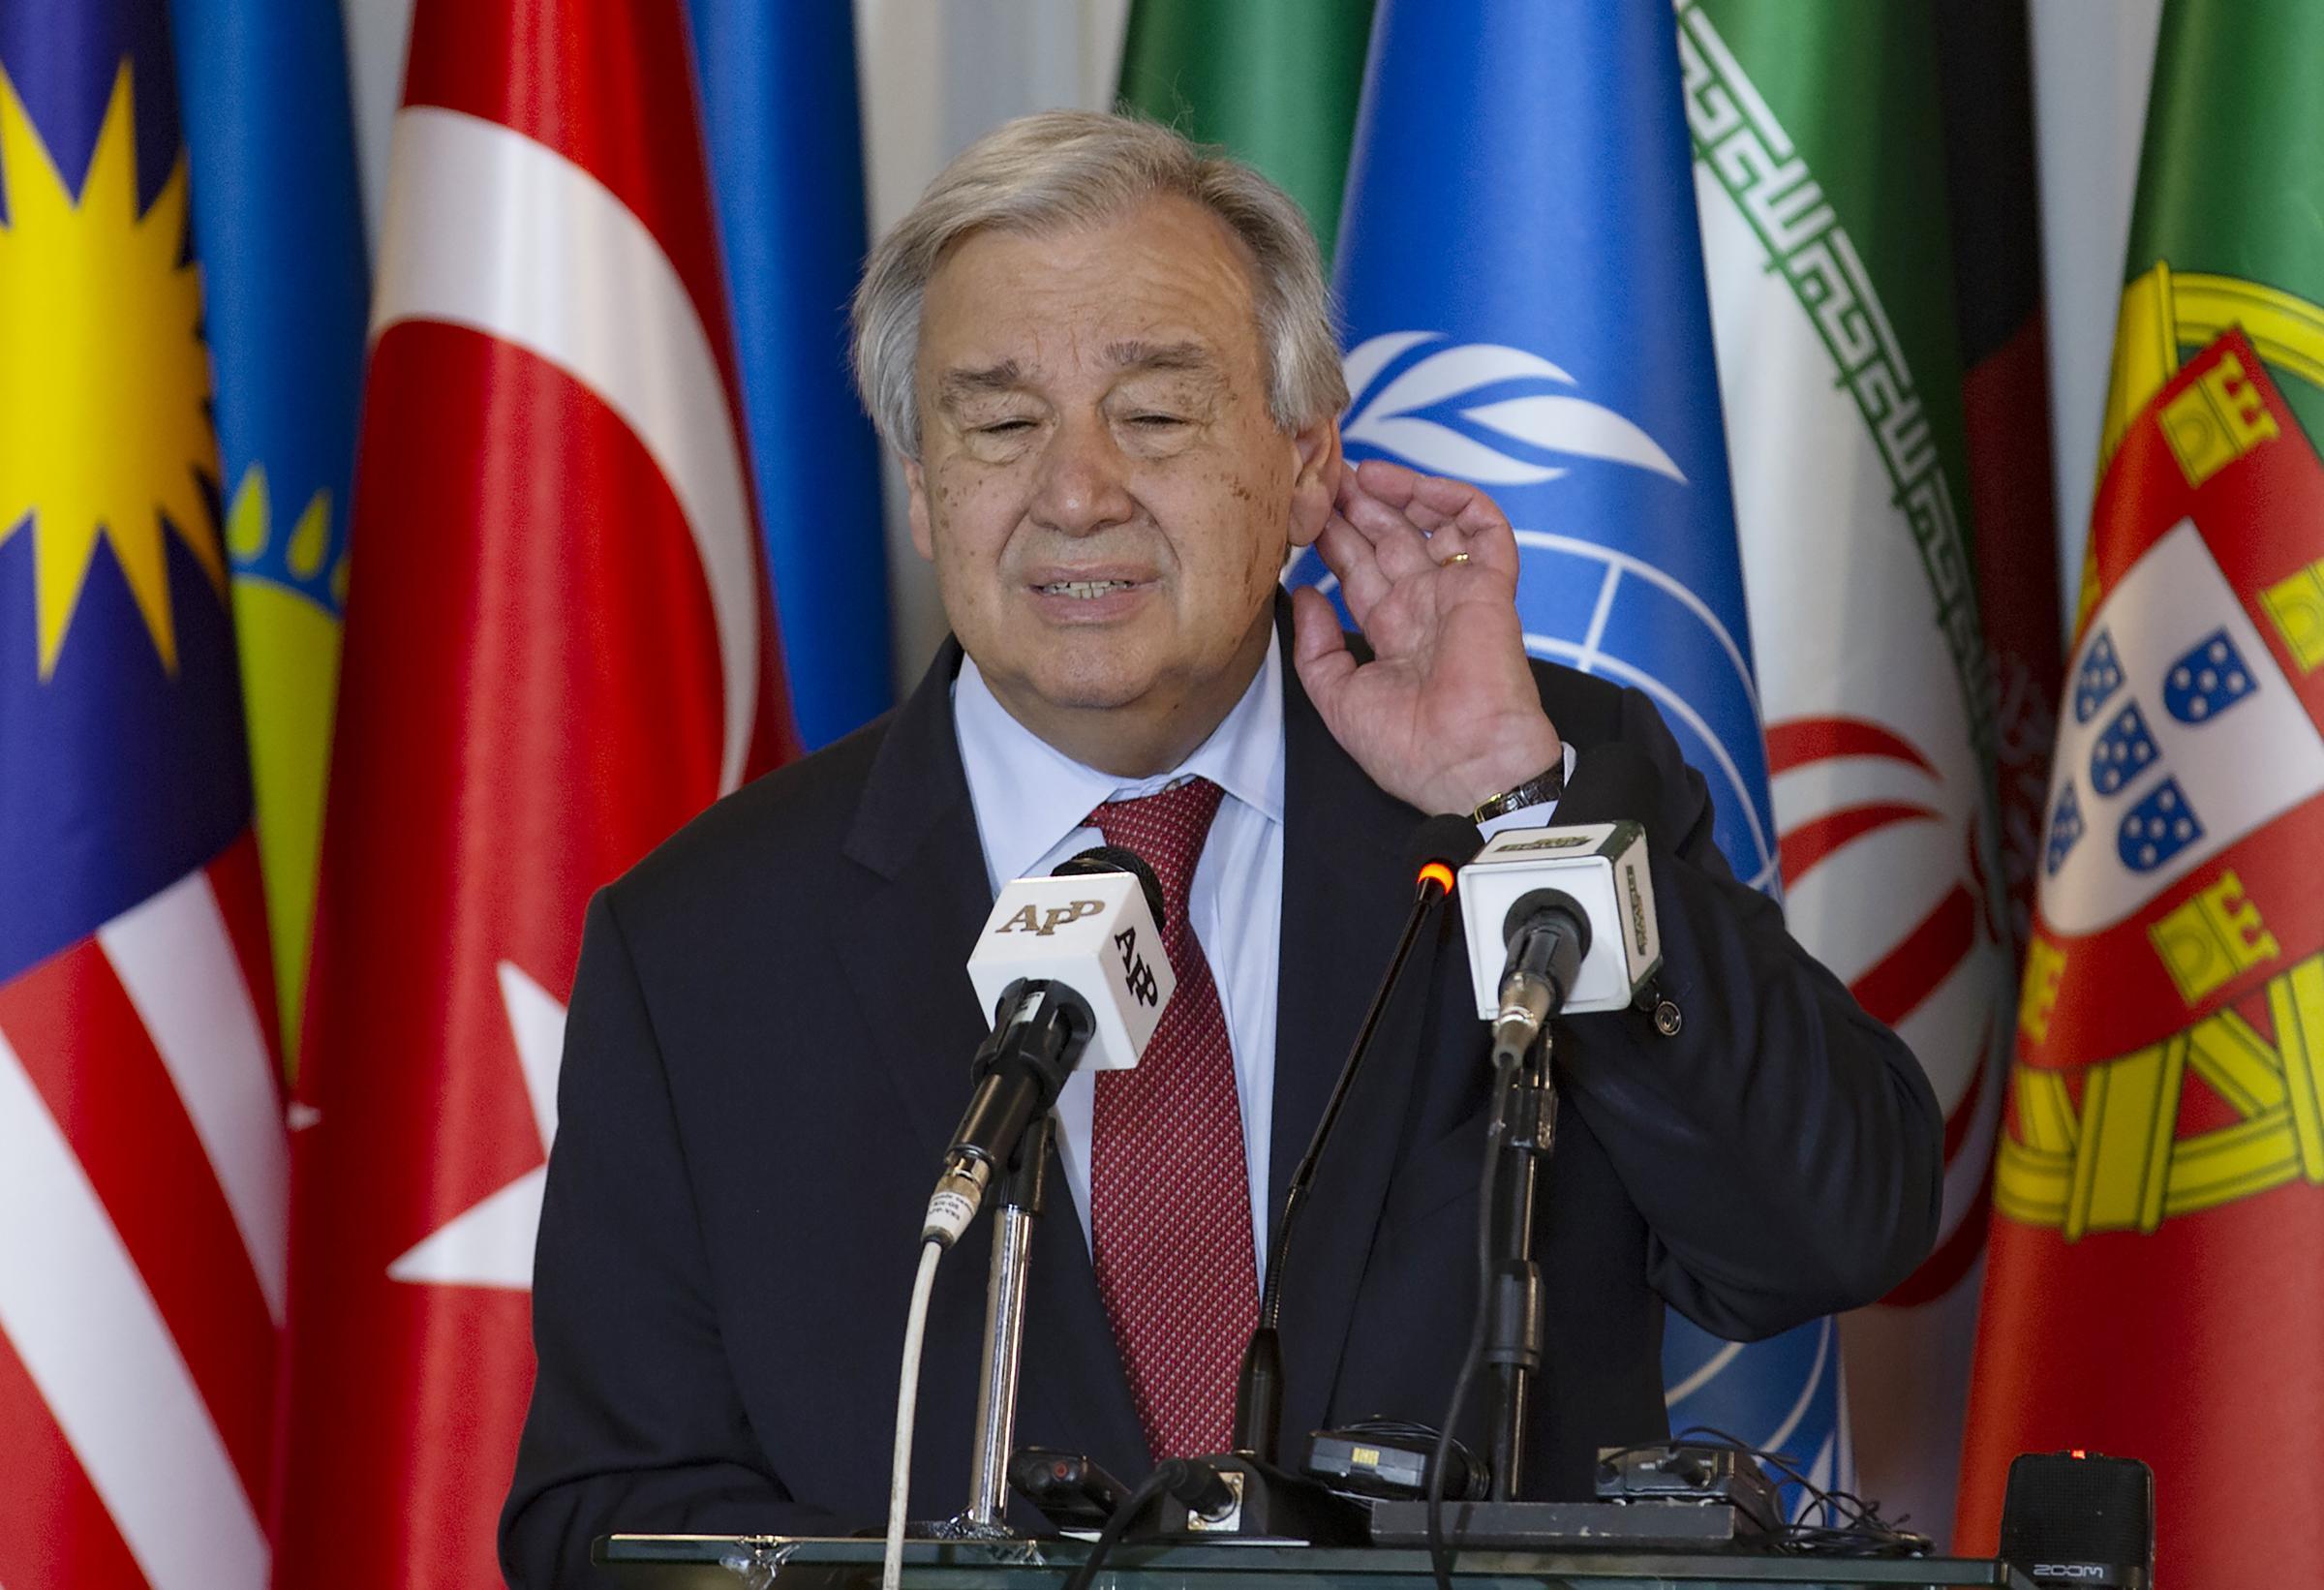 António Guterres (Onu): il Covid ha incontrato sistemi sanitari inadeguati